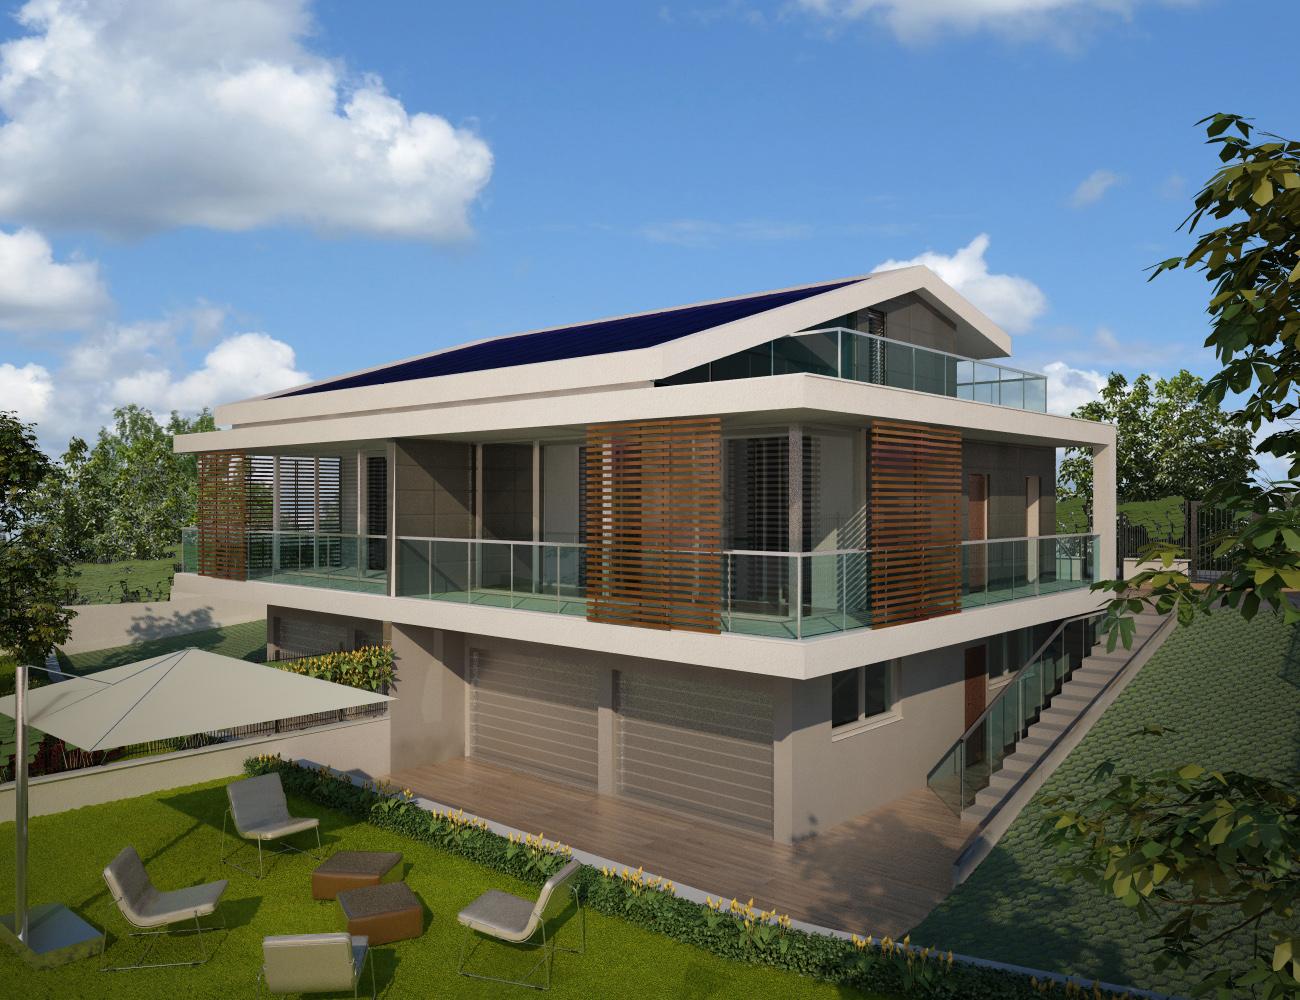 Pragma engineering societ di ingegneria architettura for Progetti di case molto ristrette